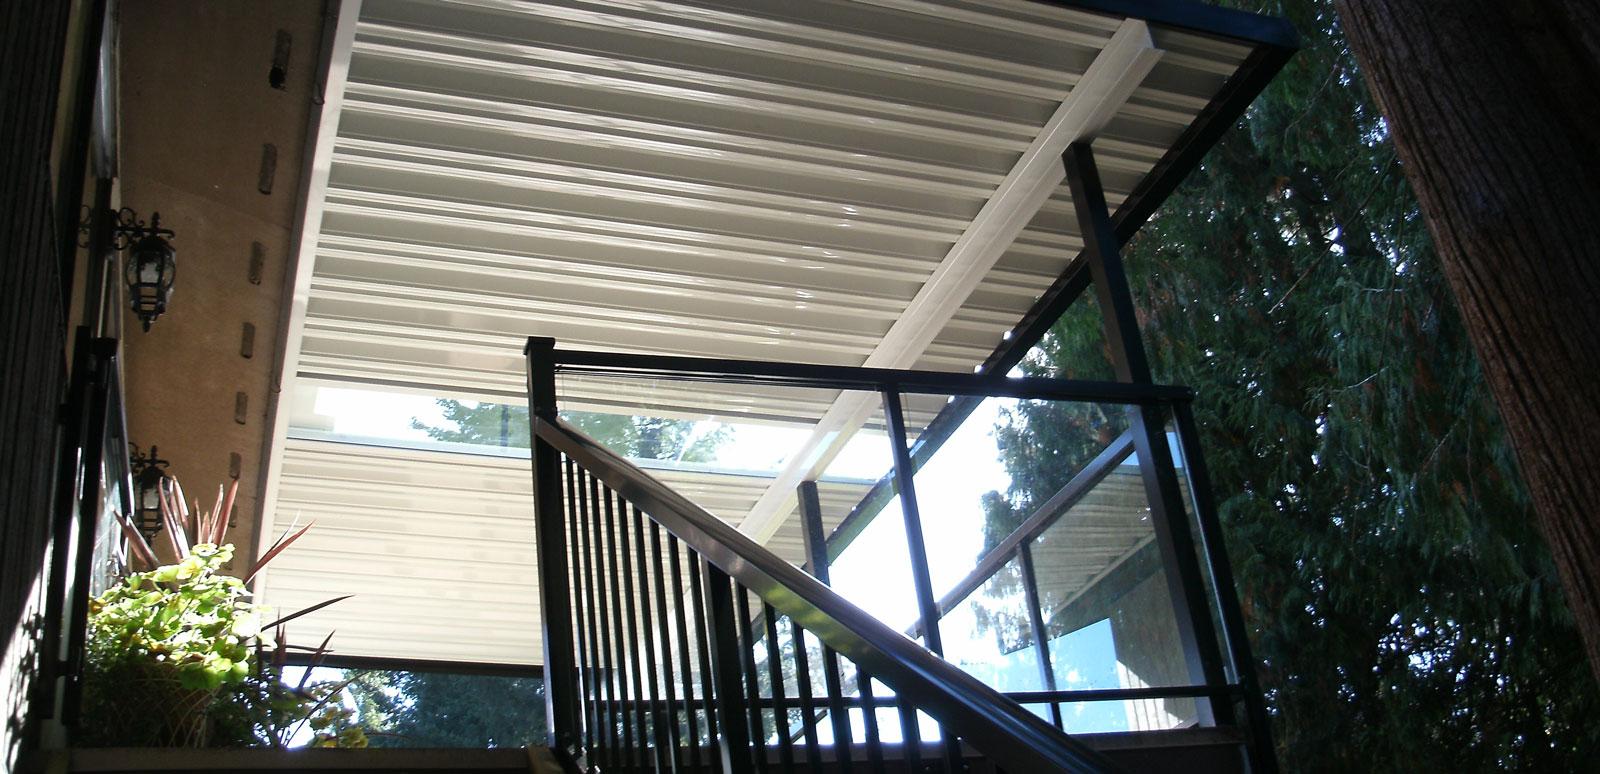 Aluminum Patio Covers Aaa Retail Division Aluminum